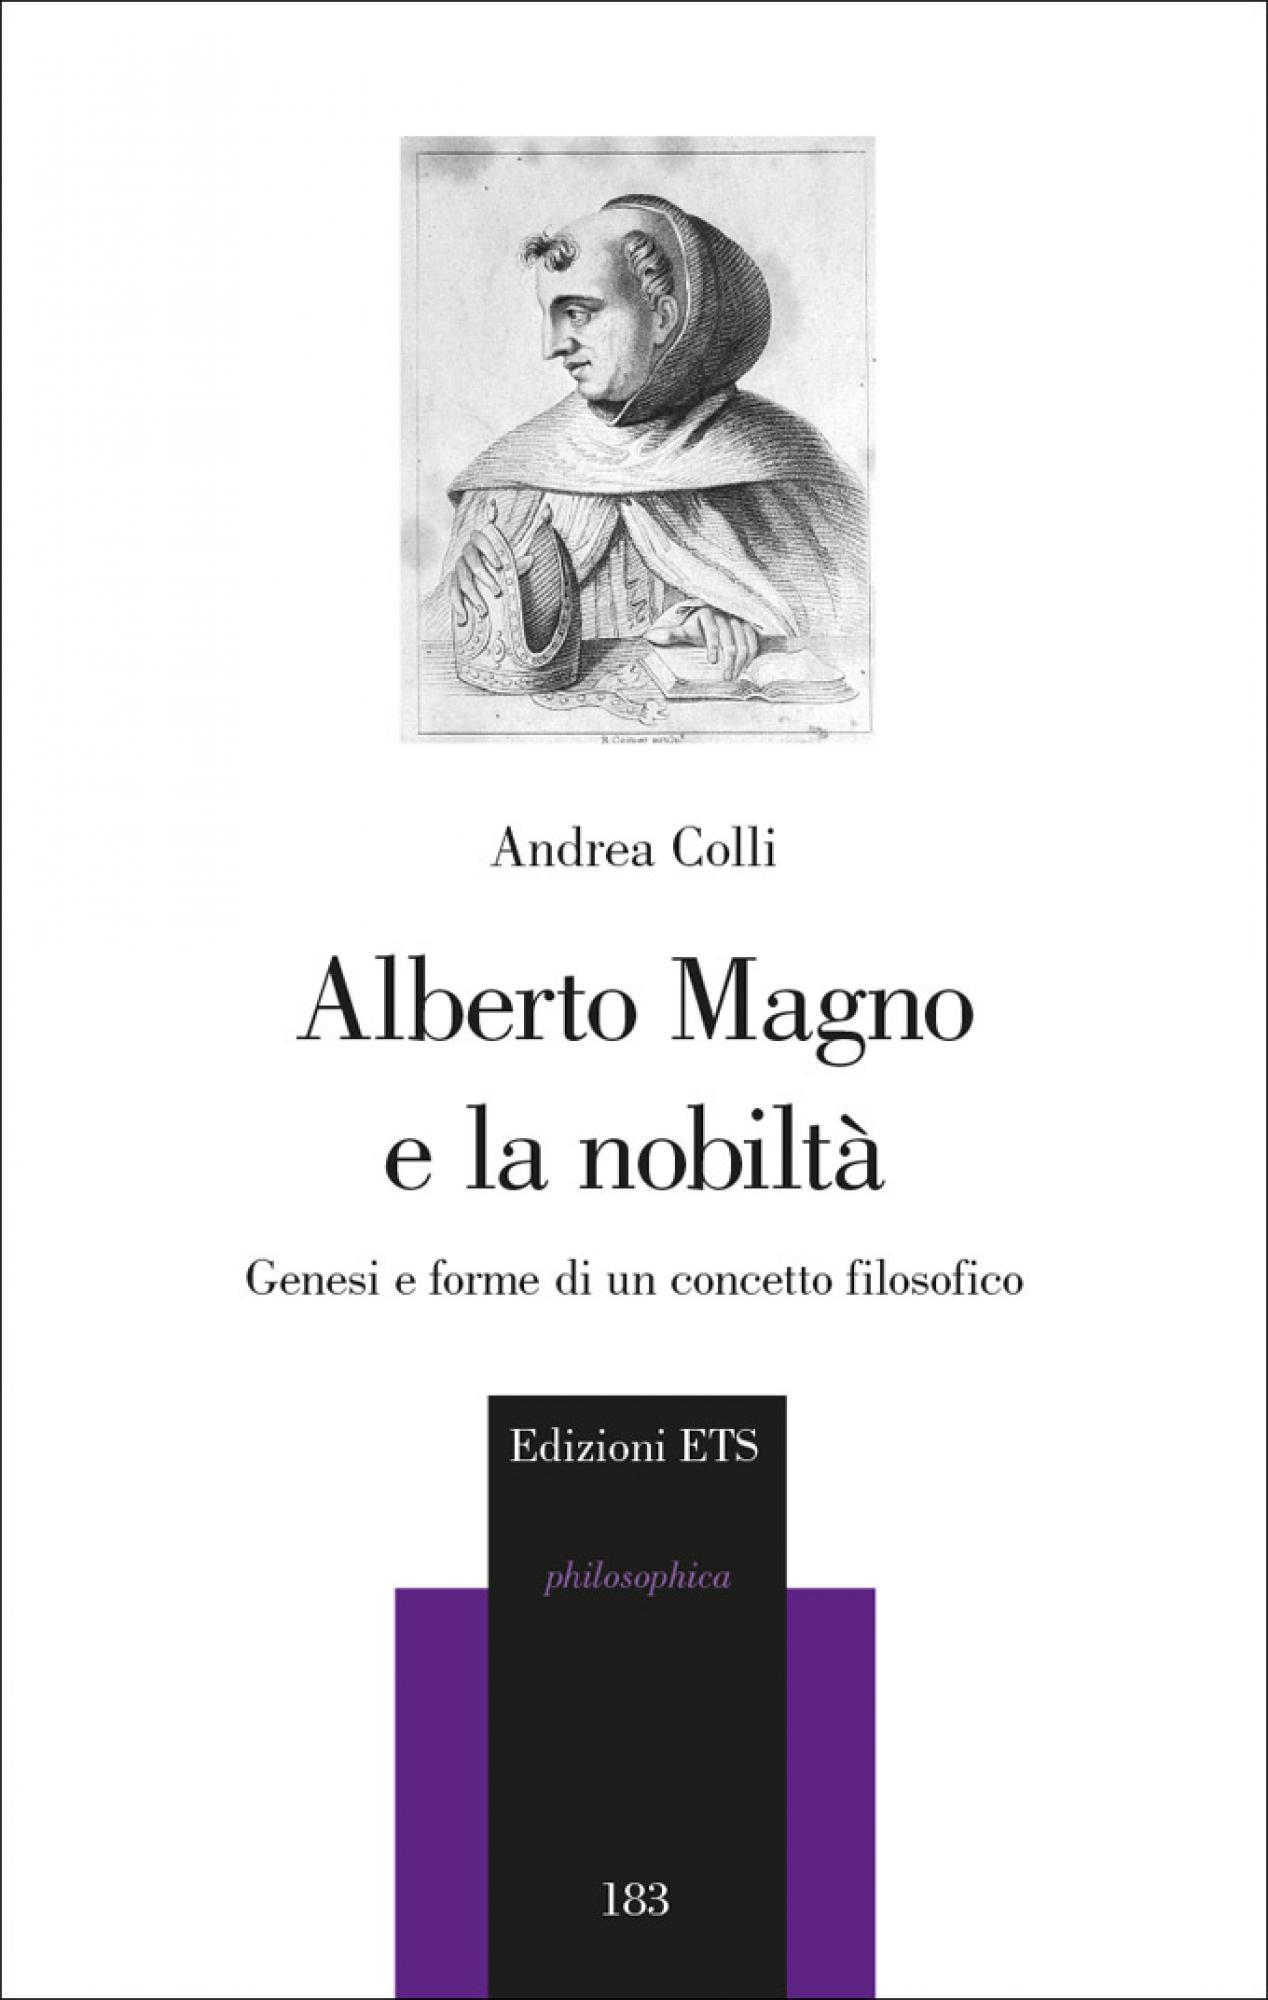 Alberto Magno e la nobiltà.Genesi e forme di un concetto filosofico